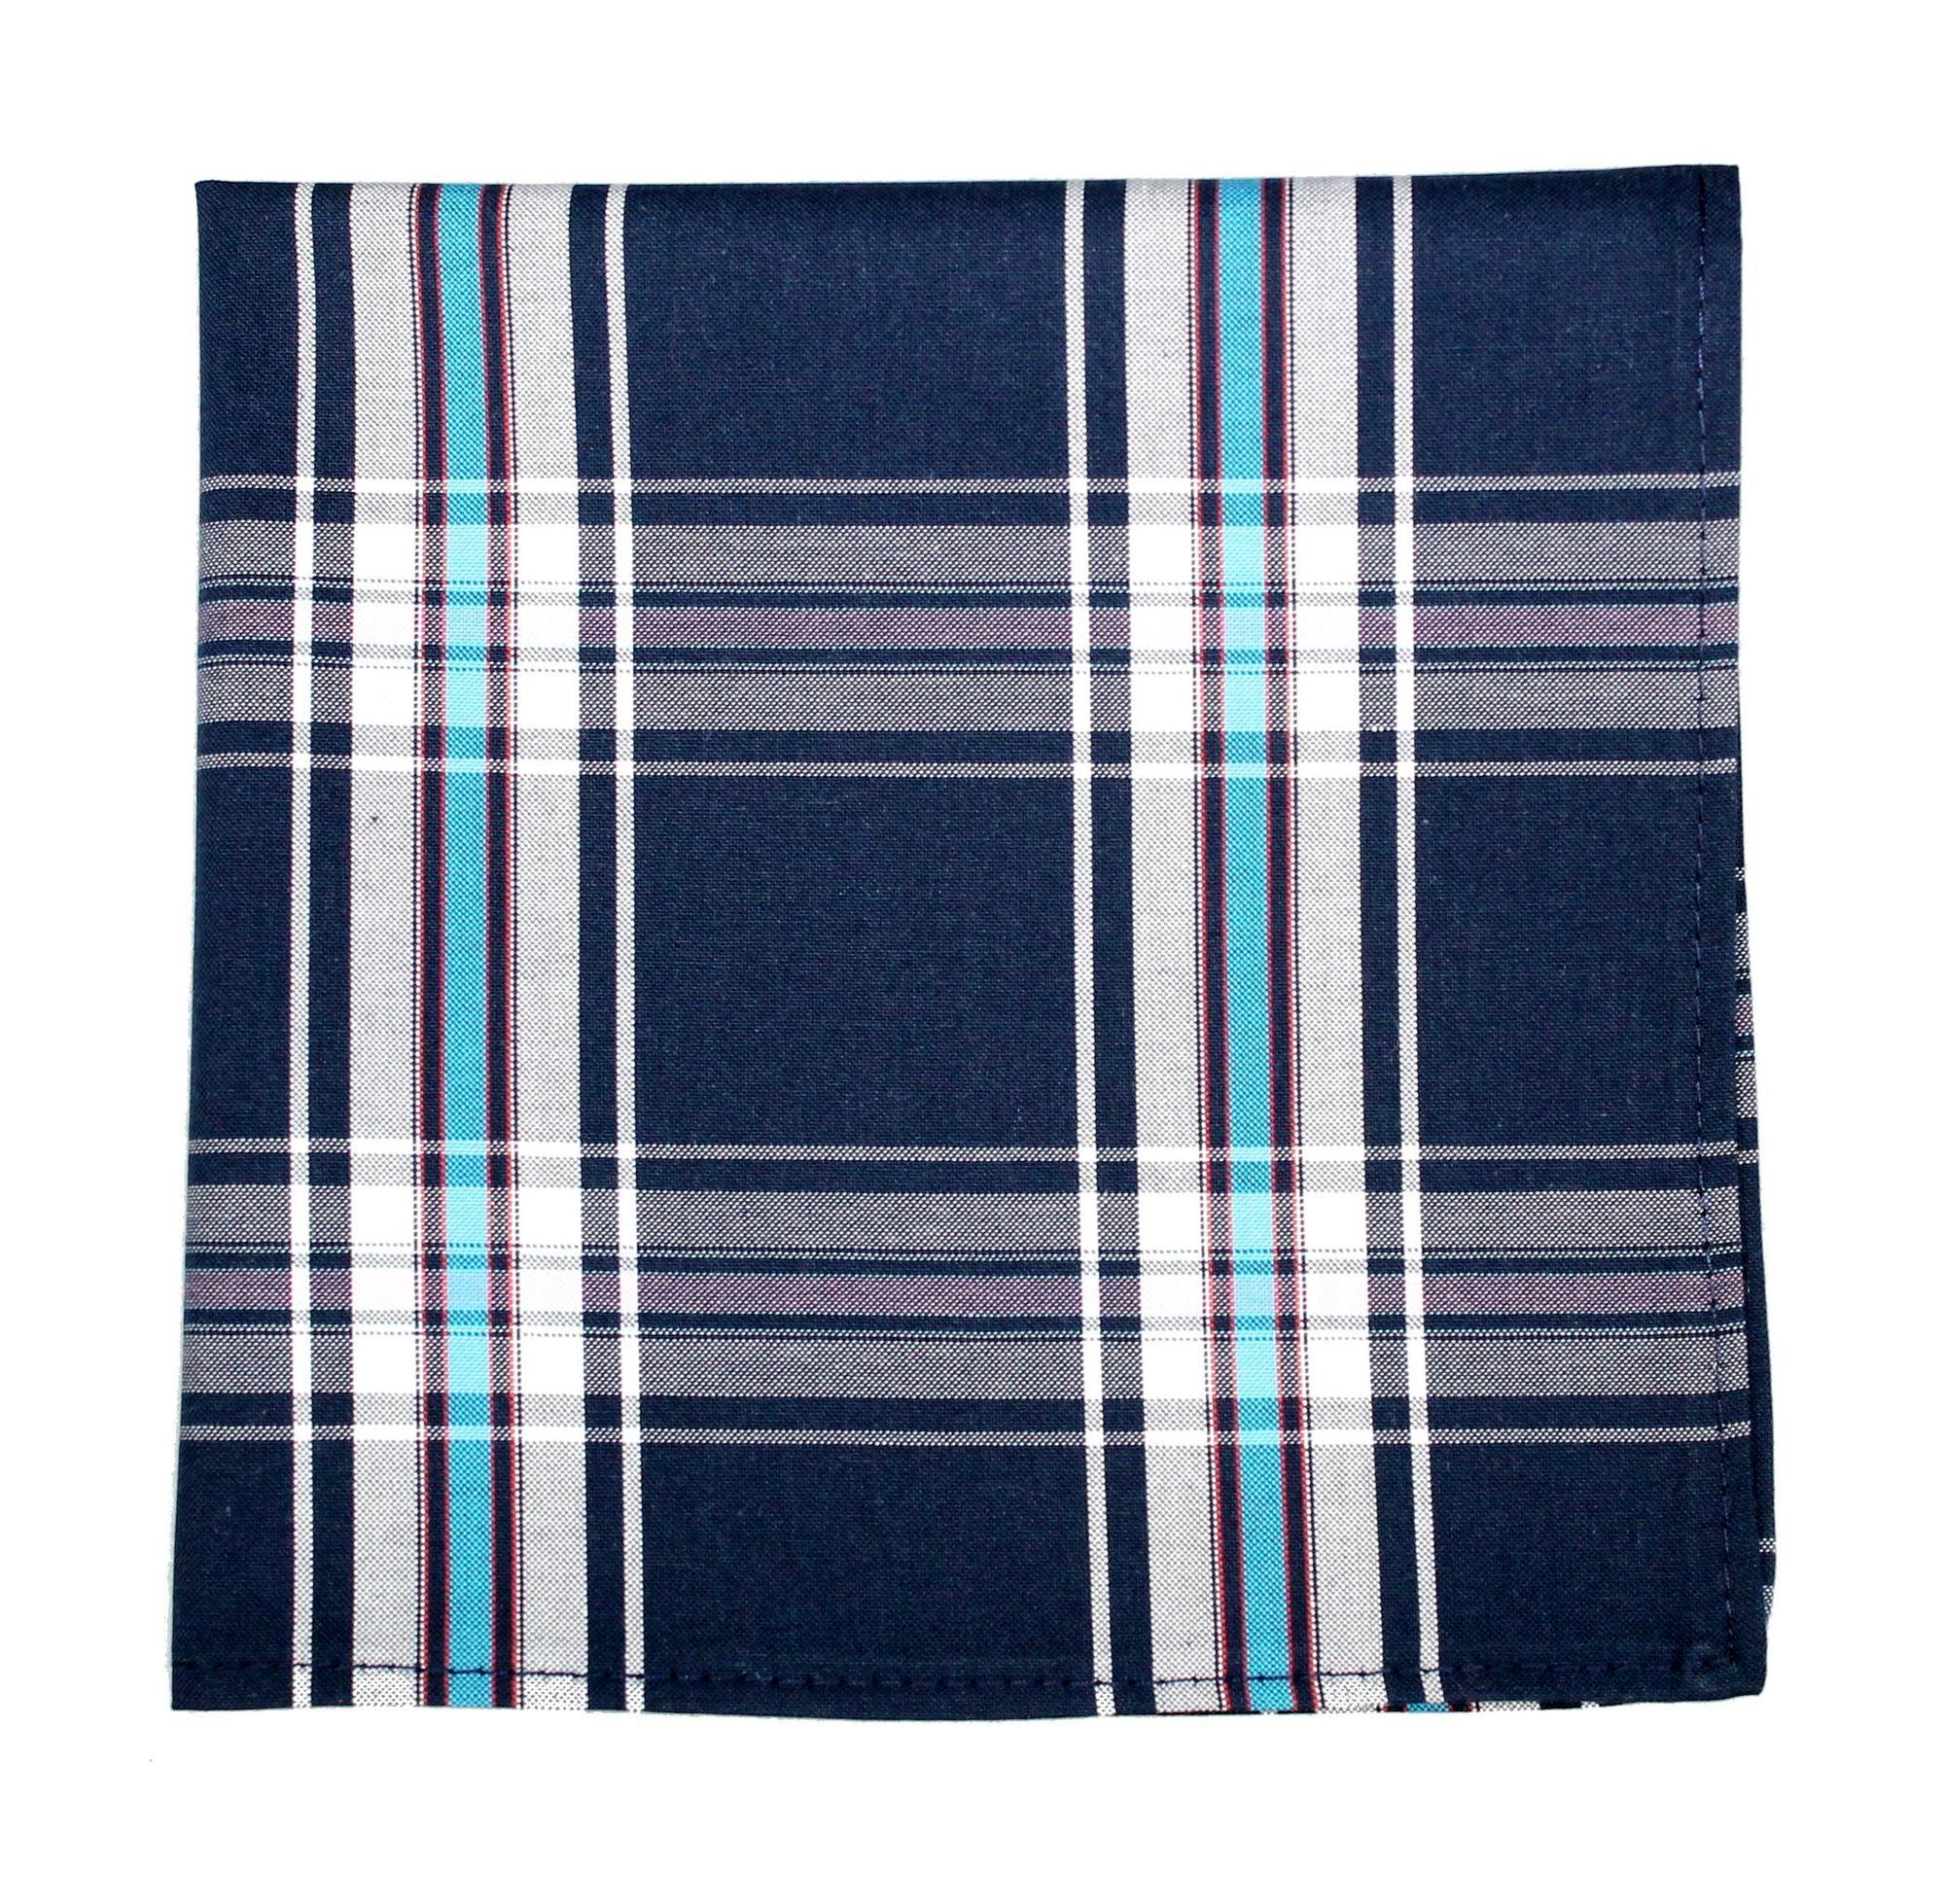 Poszetka obszywana maszynowo Tkanina bawełna Wymiary: 30 cm x 30 cm Opakowanie: pudełko Kolory w rzeczywistości mogą różnić się od przedstawionych na zdjęciu w zależności od ustawień monitora bowstyle koniec z nudą muszek smokingowych czas na różnorodność kolor i styl